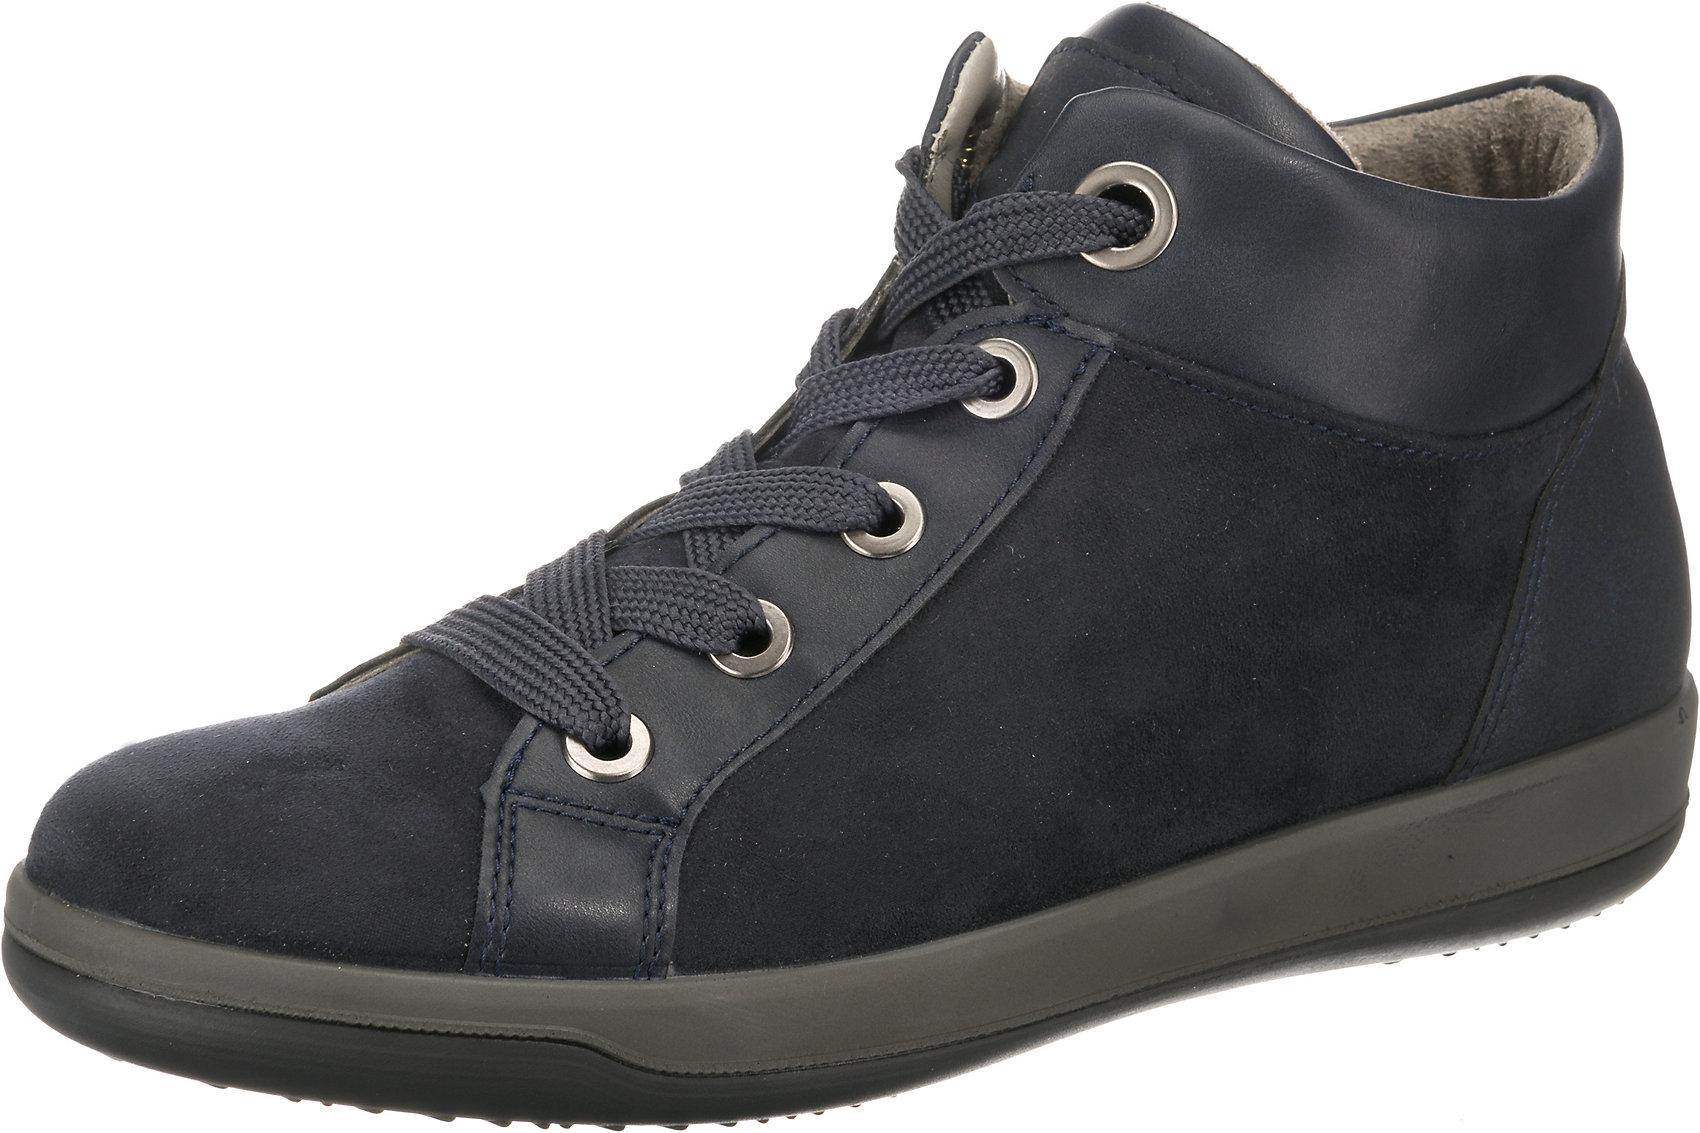 Details zu Neu JENNY Miami Wechselfußbett Sneakers High 8551453 für Damen